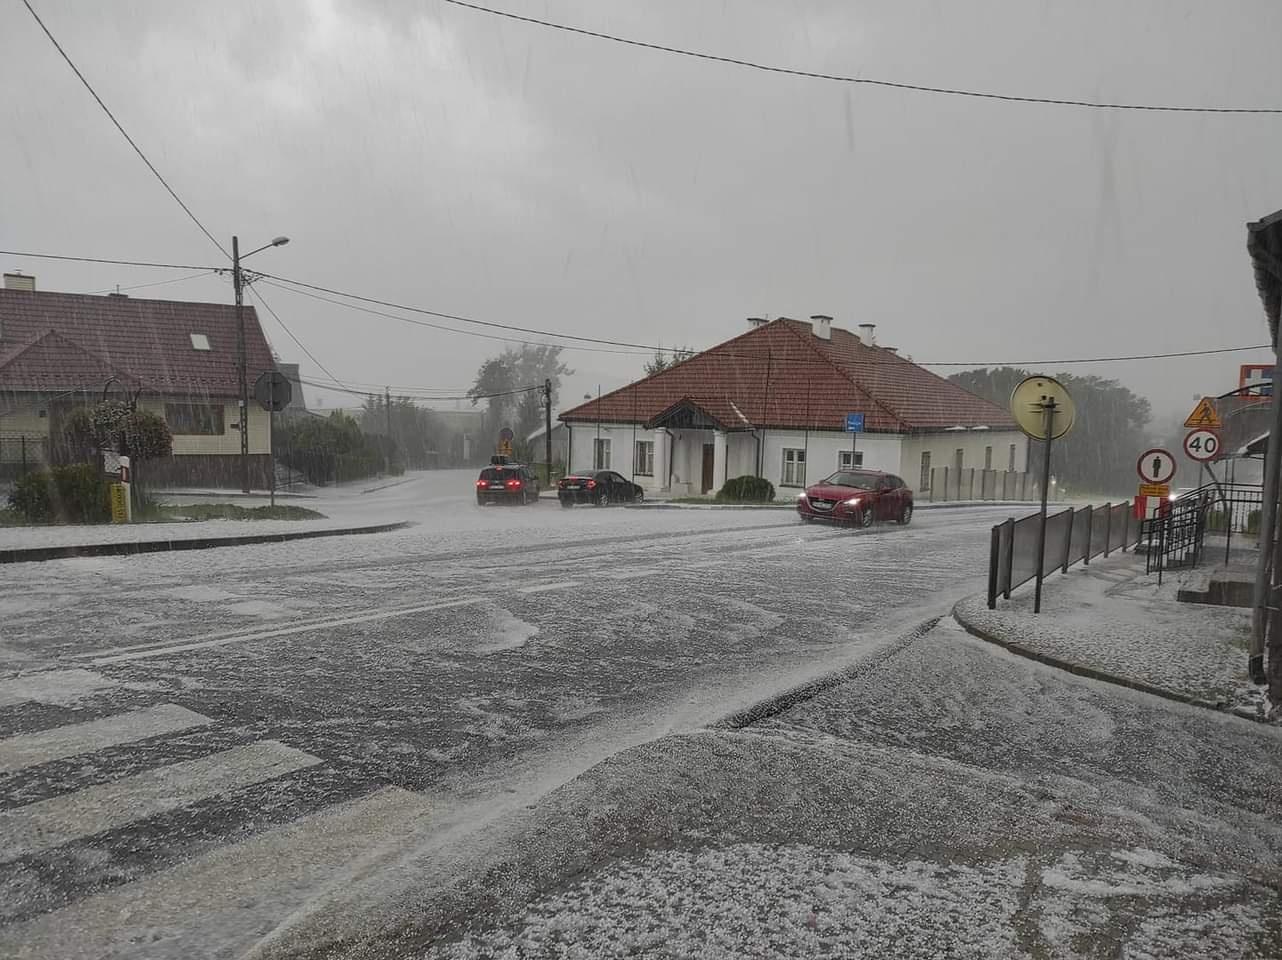 W sierpniu zrobiło się biało jak zimą! Sprawdzaj pogodę na bieżąco [ZDJĘCIA, MAPY ONLINE] - Zdjęcie główne